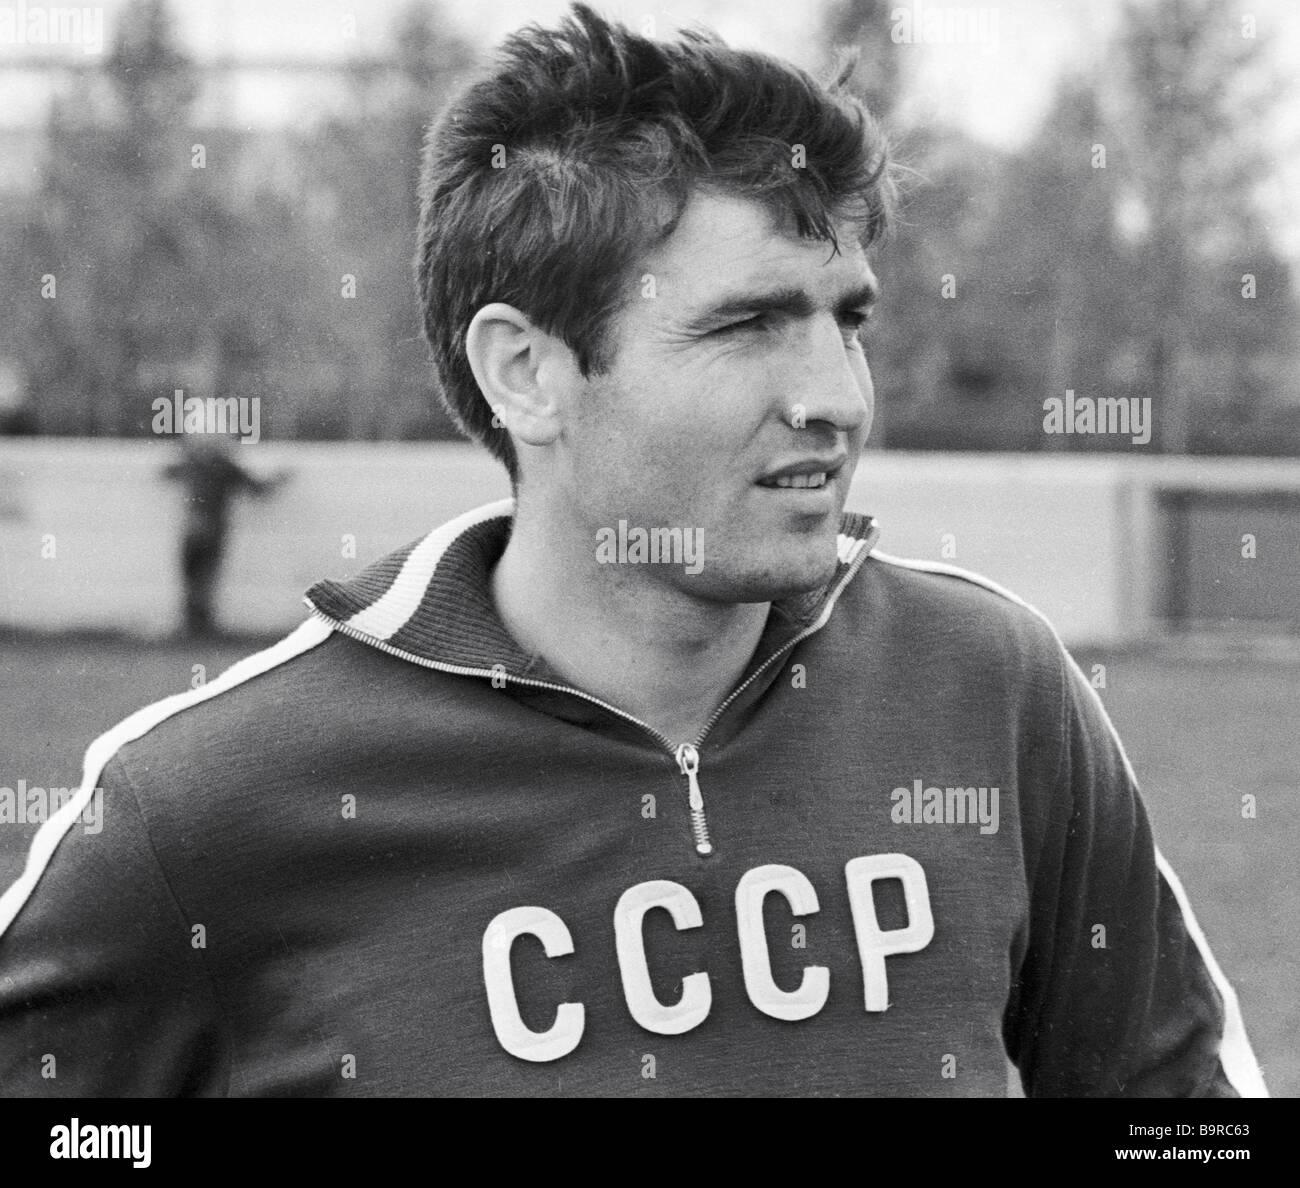 U S S R Fußball Team halben Rücken Fyodor Medvid Stockbild